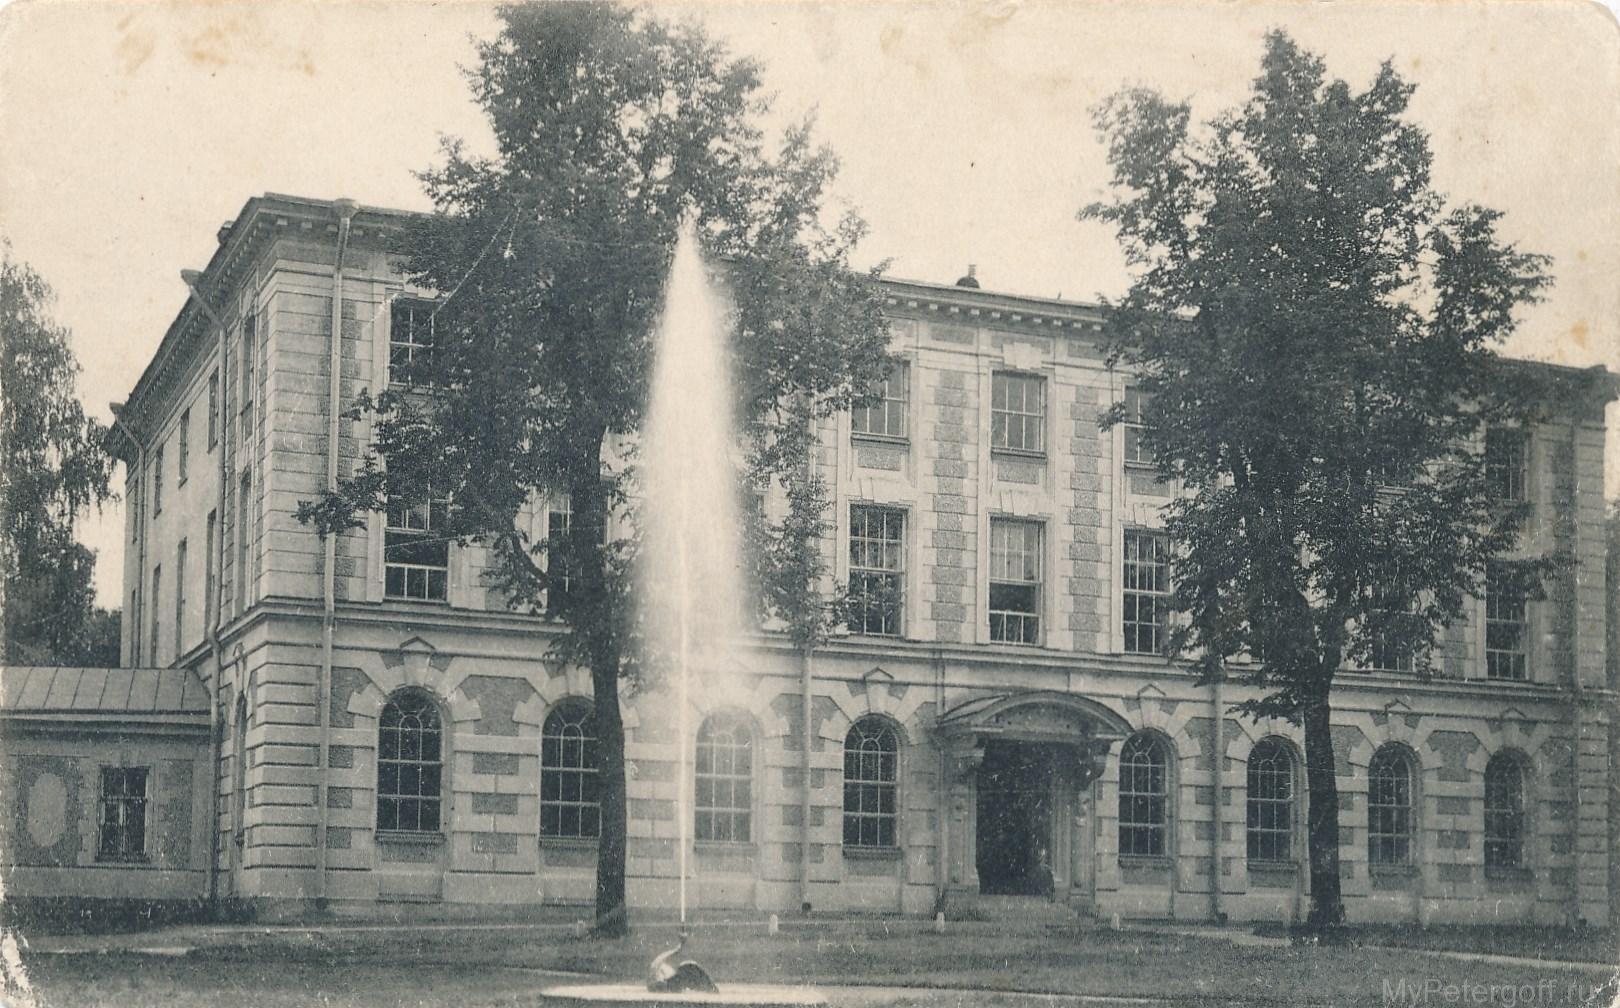 Гранильная Императорская фабрика. Главный фасад